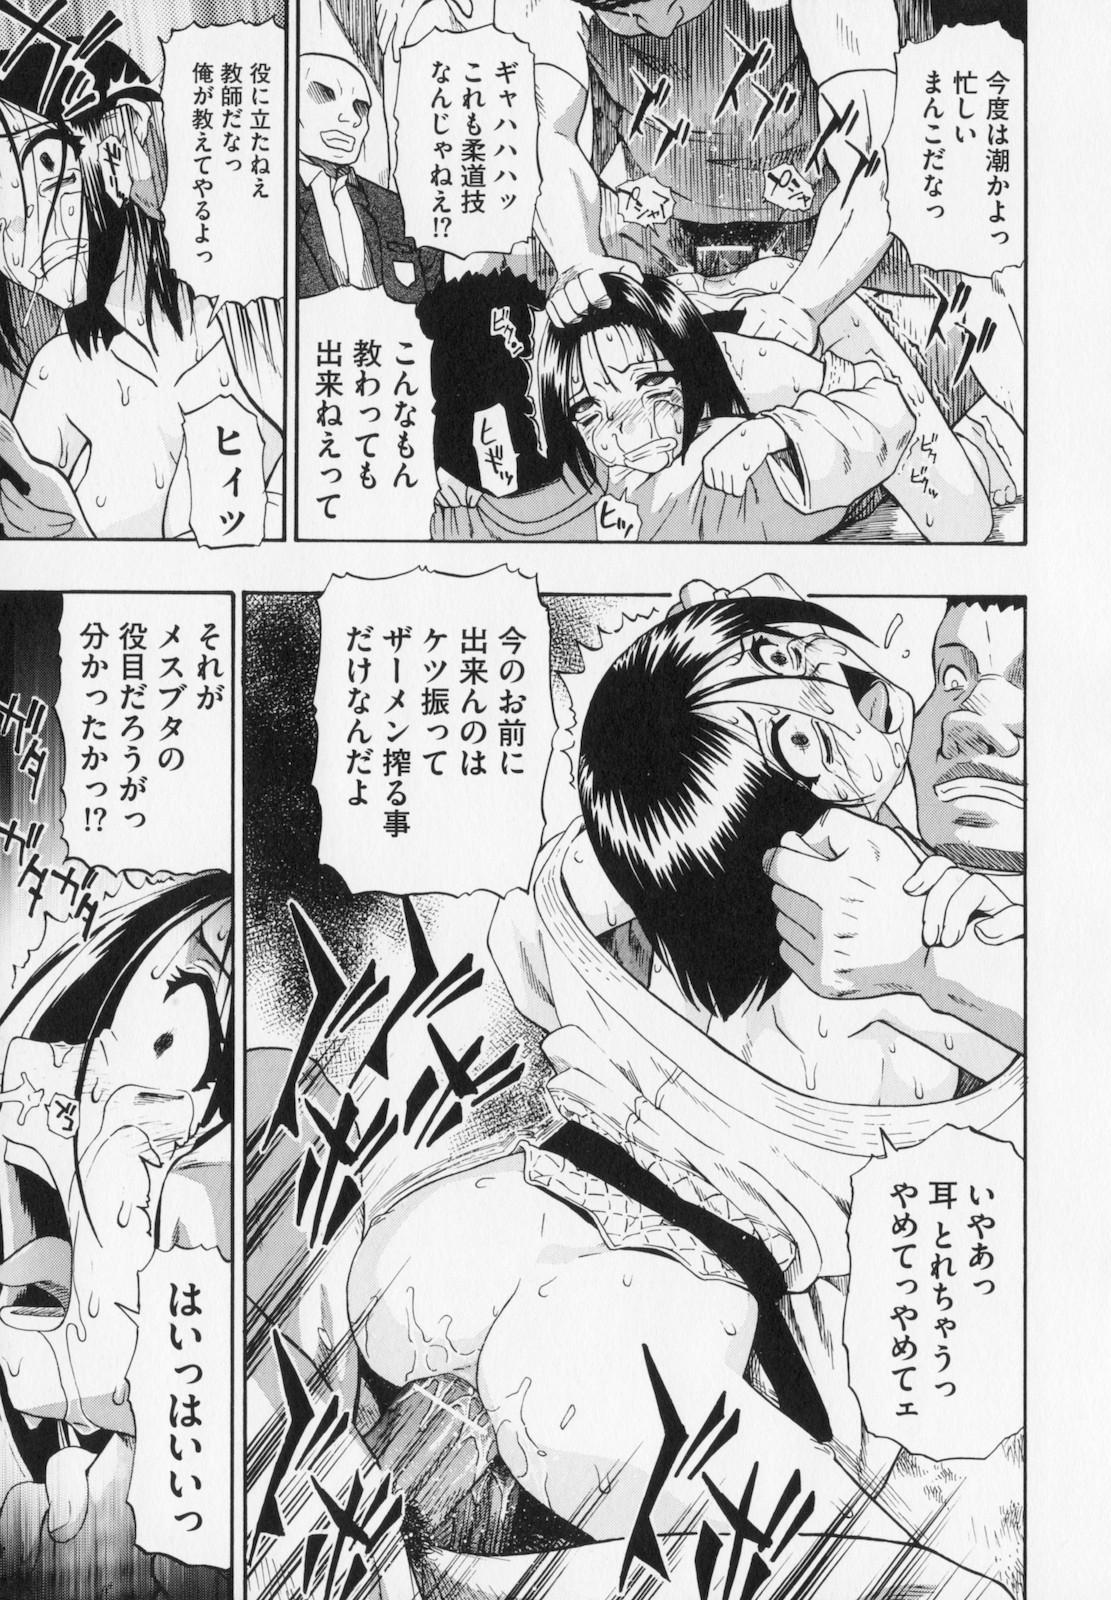 Hitodenashi no Utage - Veranstaltungsräume von Brute 14